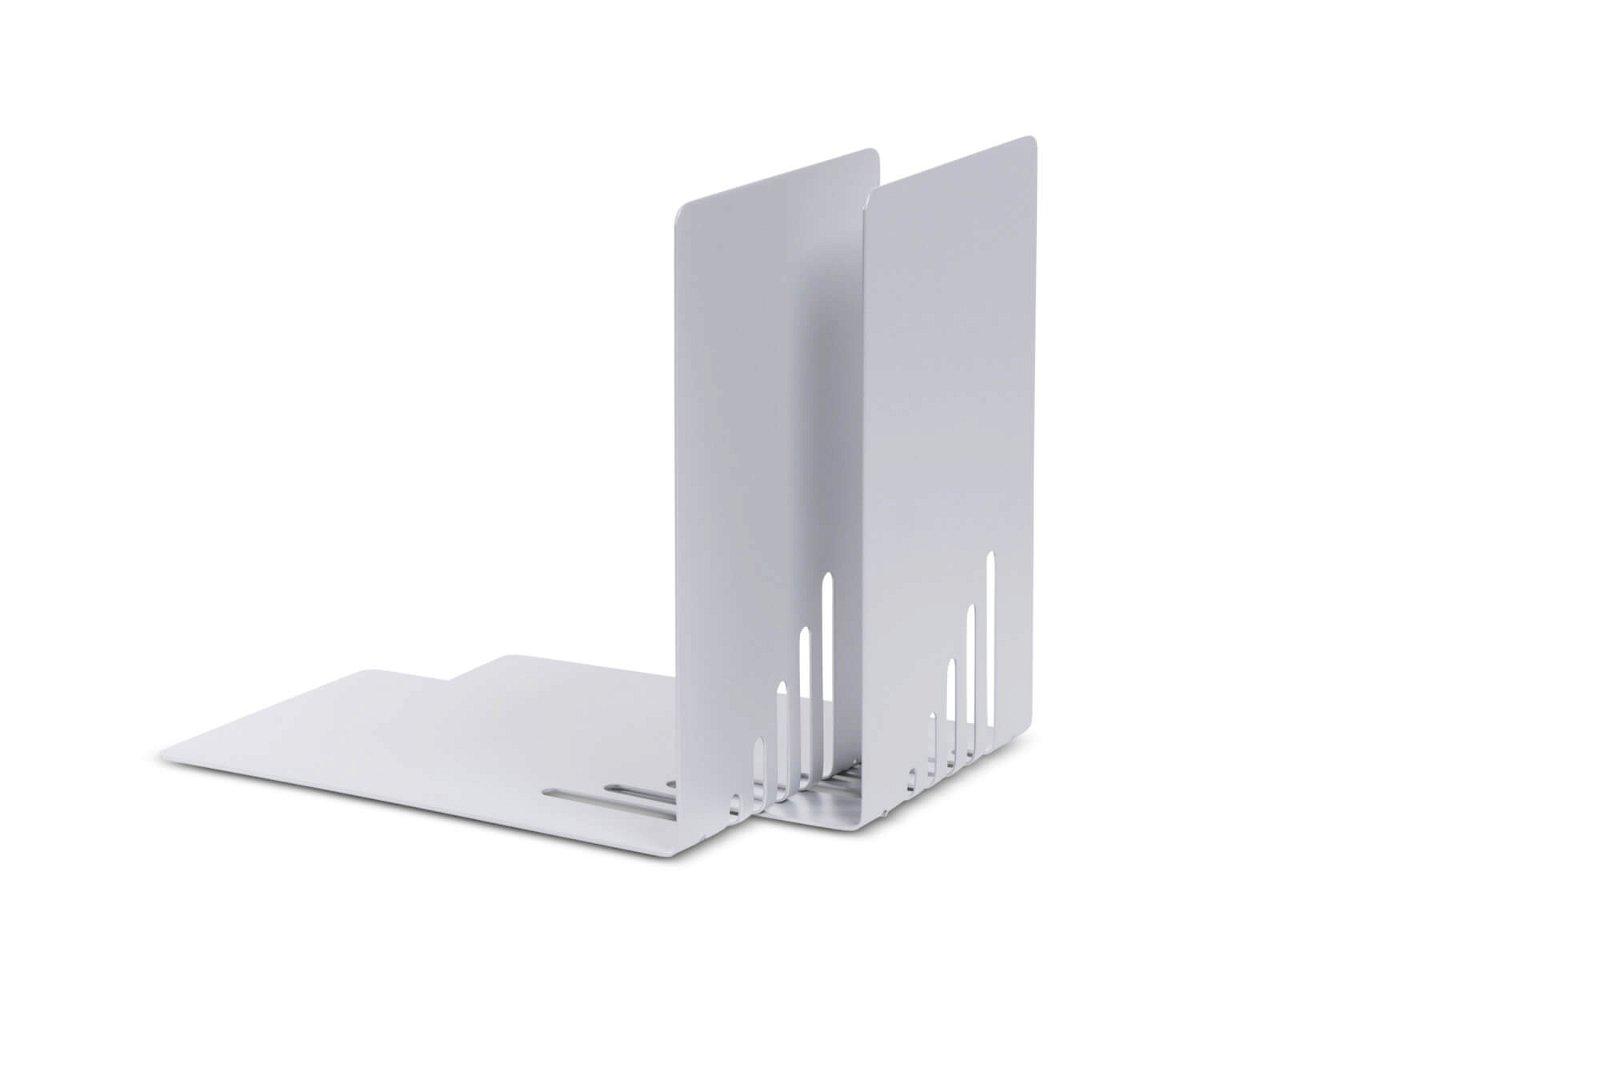 Buchstützen aus Metall, schmal, 14 x 8,5 x 14 cm, silber